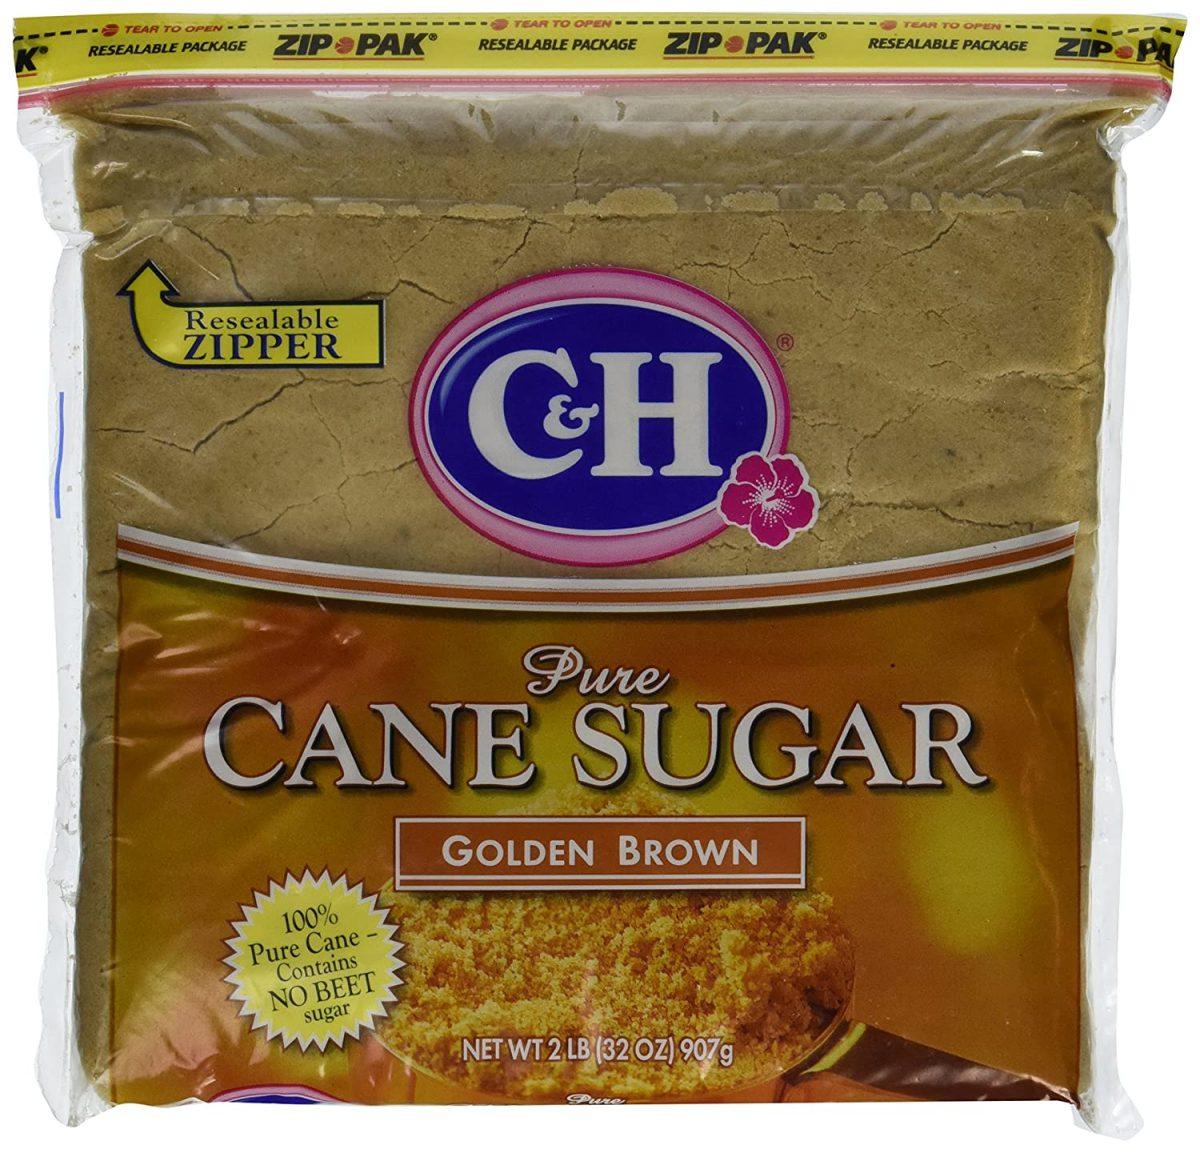 Cane Sugar, Golden Brown